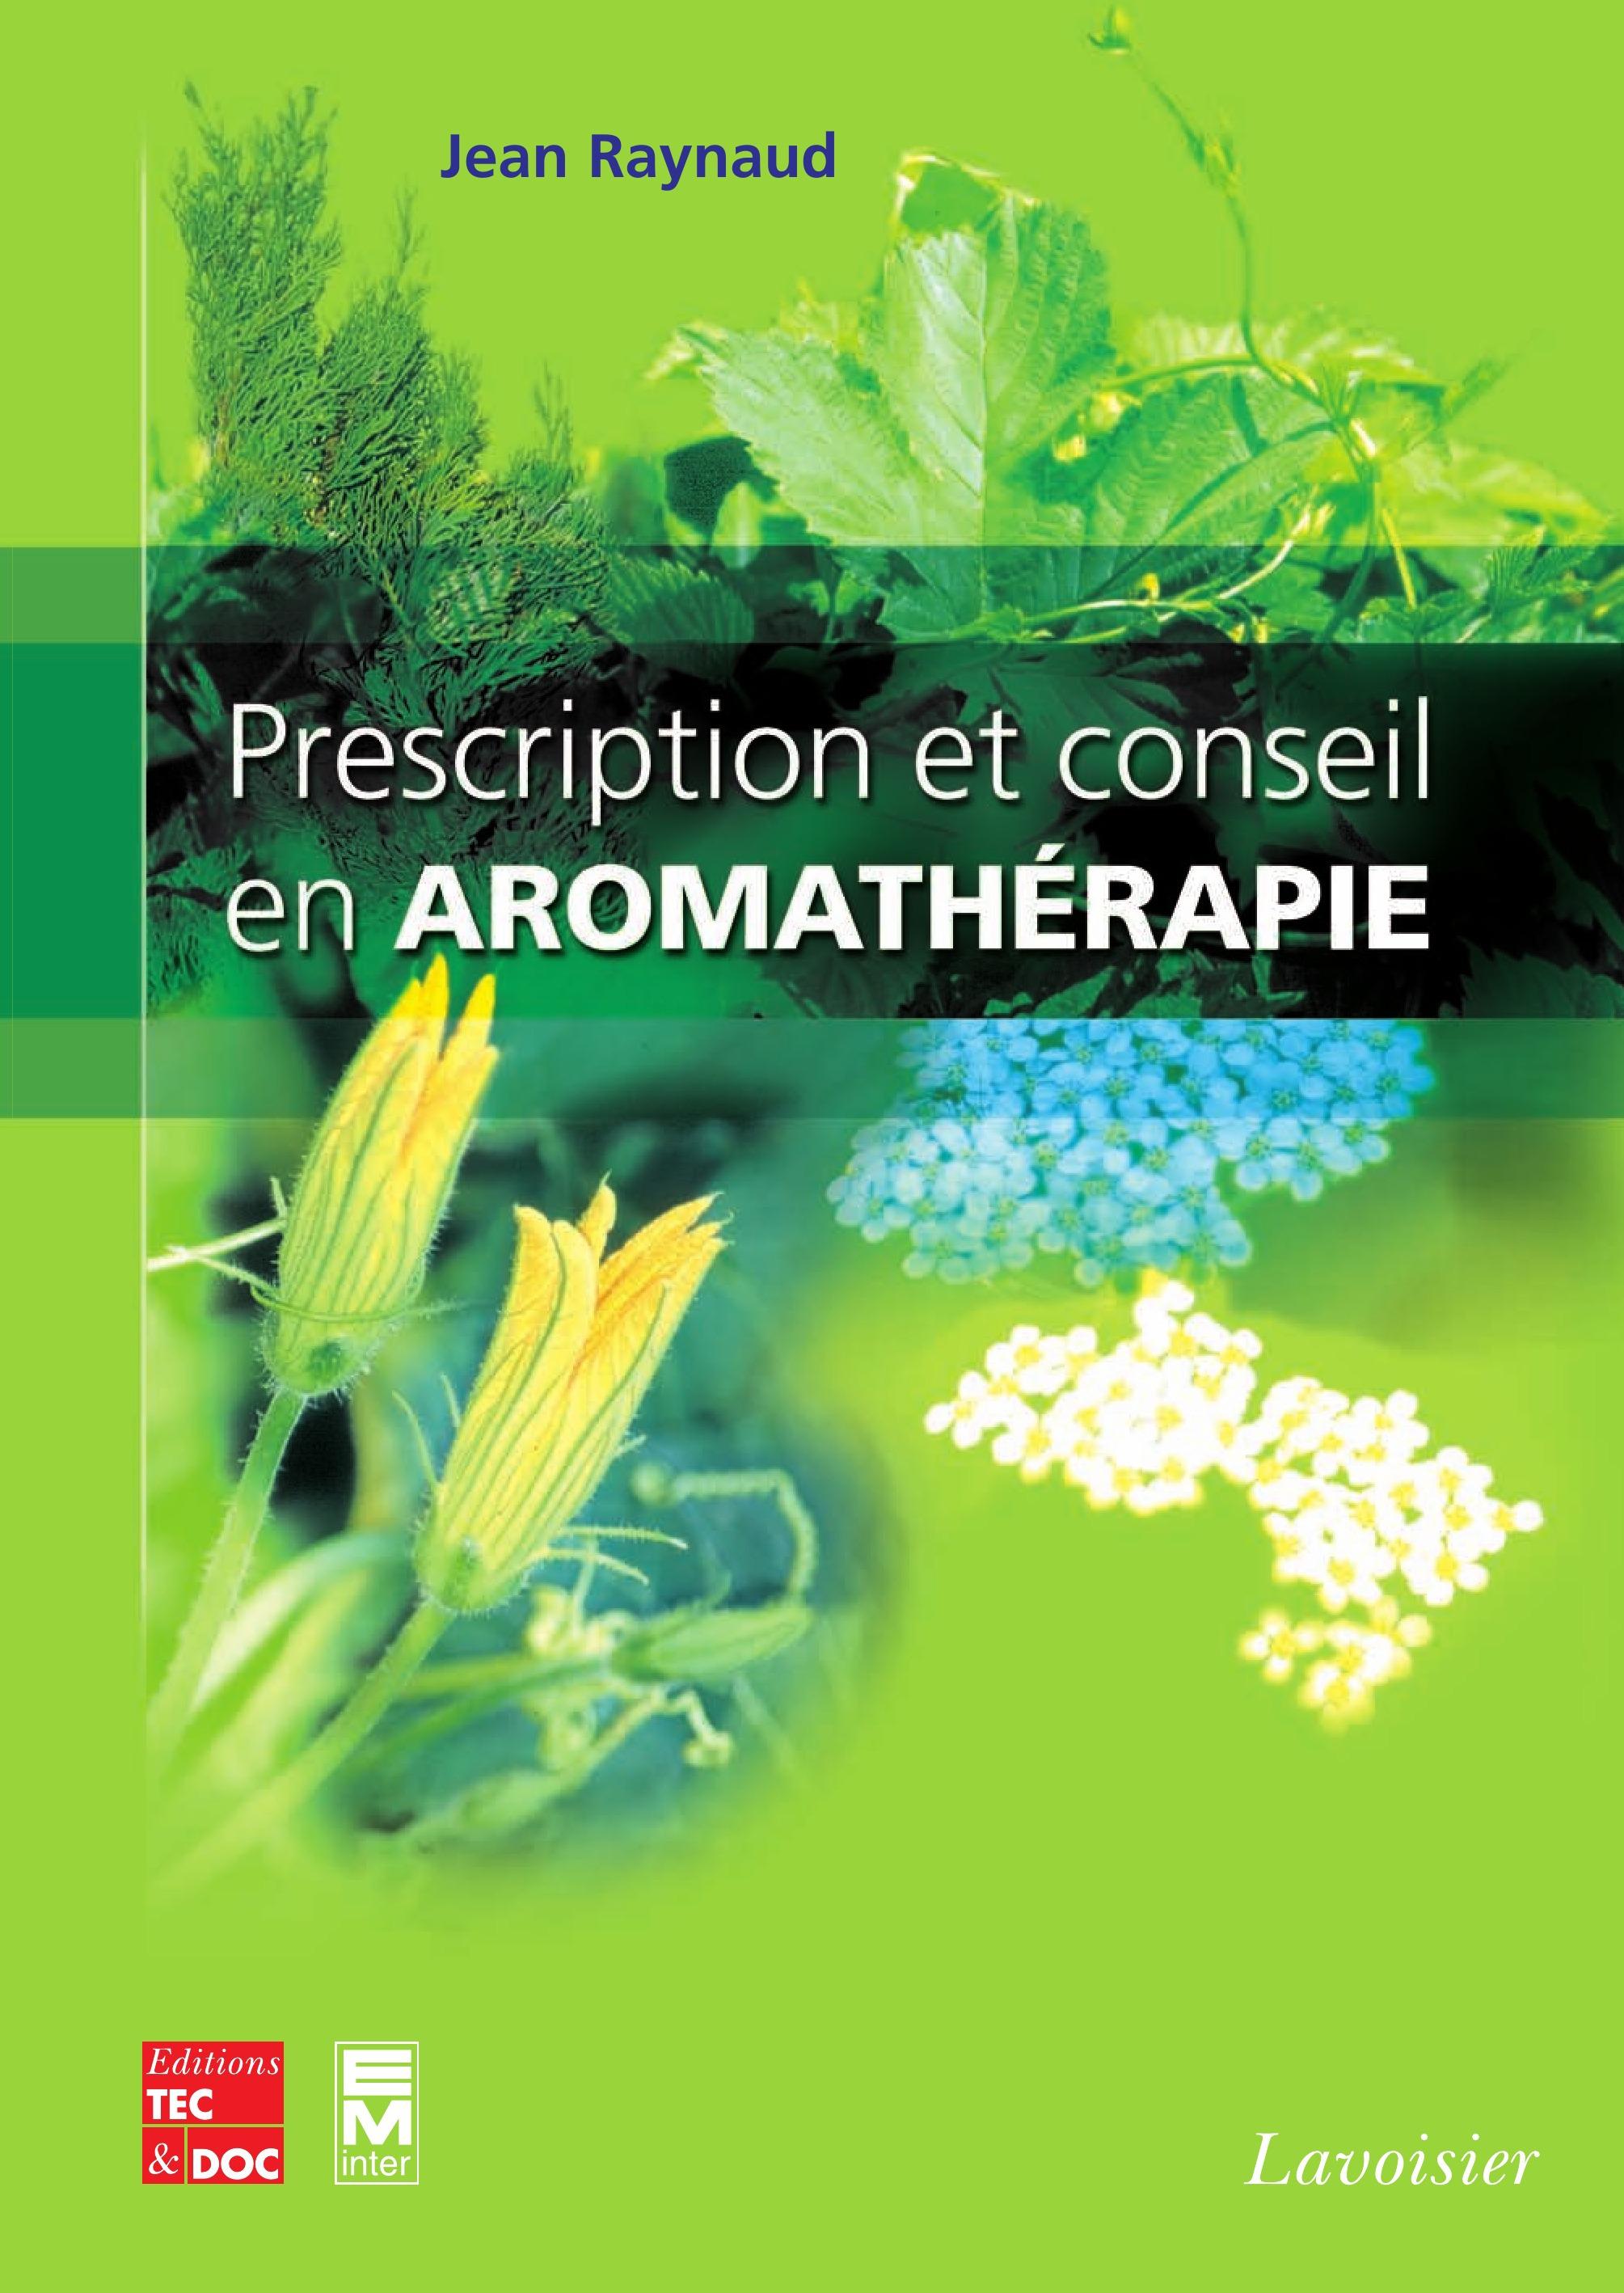 Prescription et conseil en aromatherapie